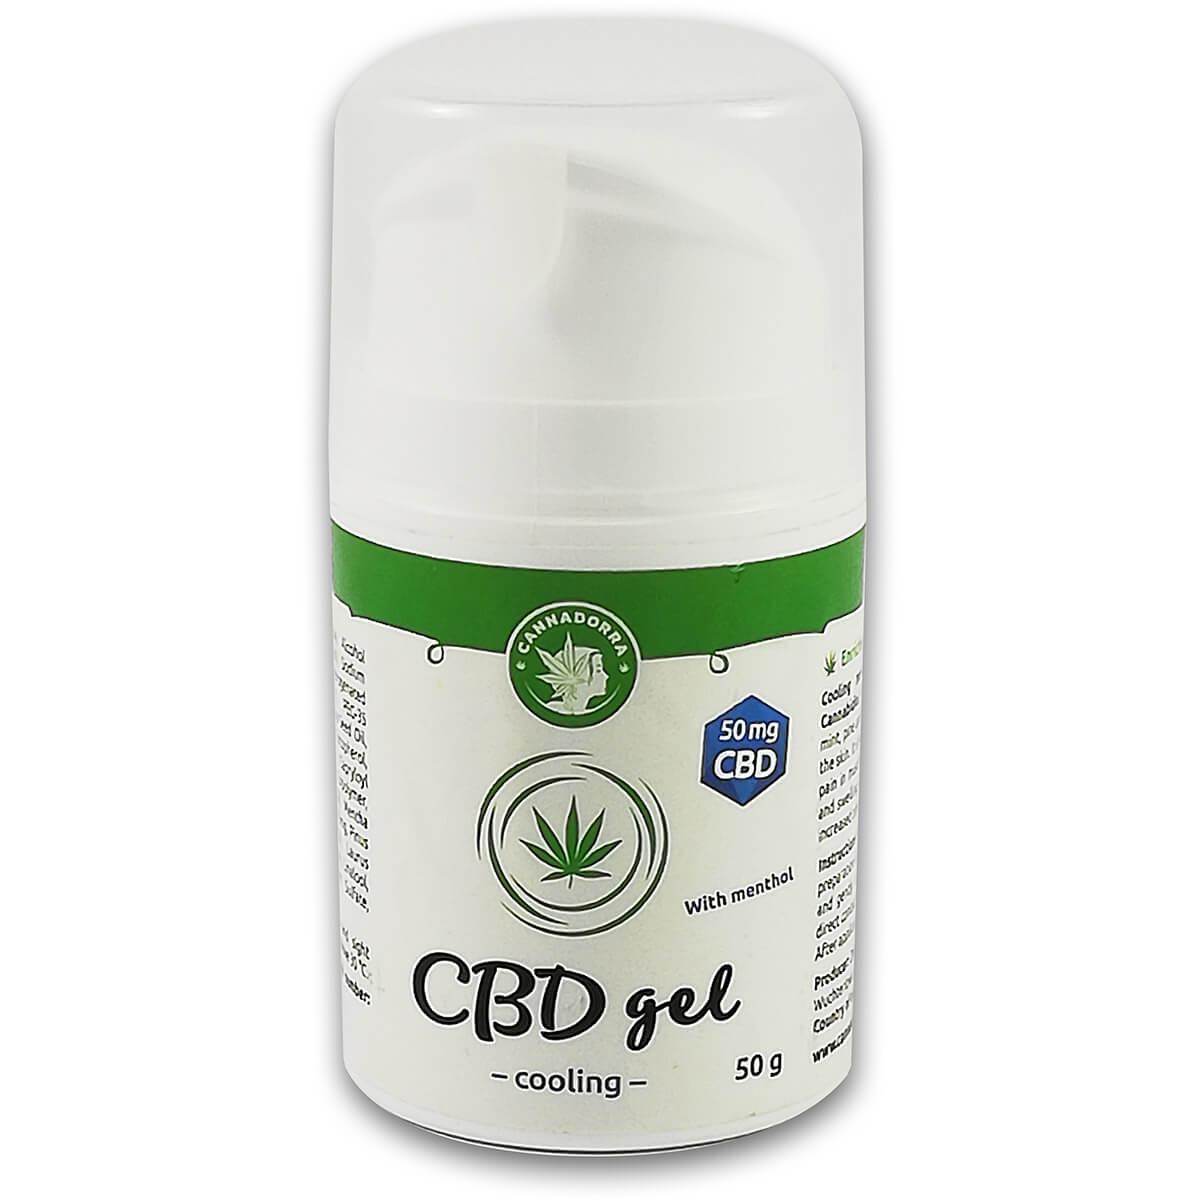 Ψυκτικό gel με CBD και μενθόλη